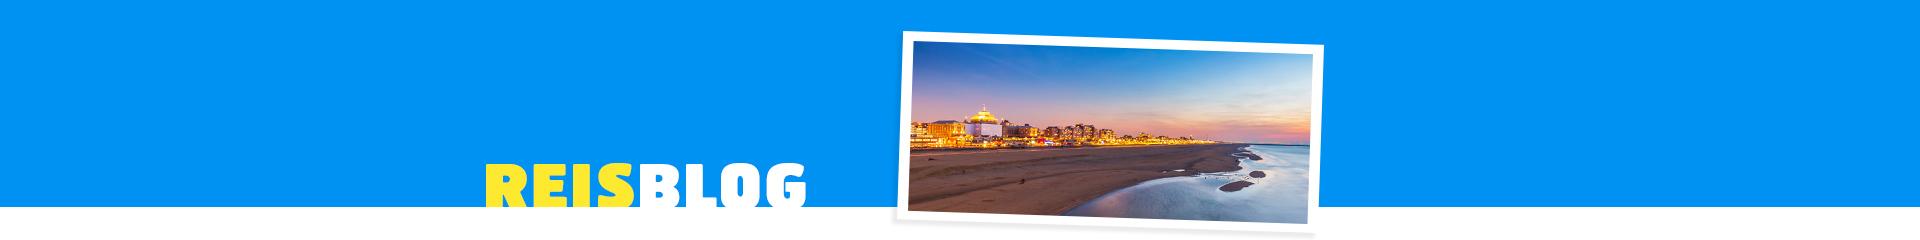 Uitzicht op het strand en de kustlijn van Scheveningen bij zonsondergang